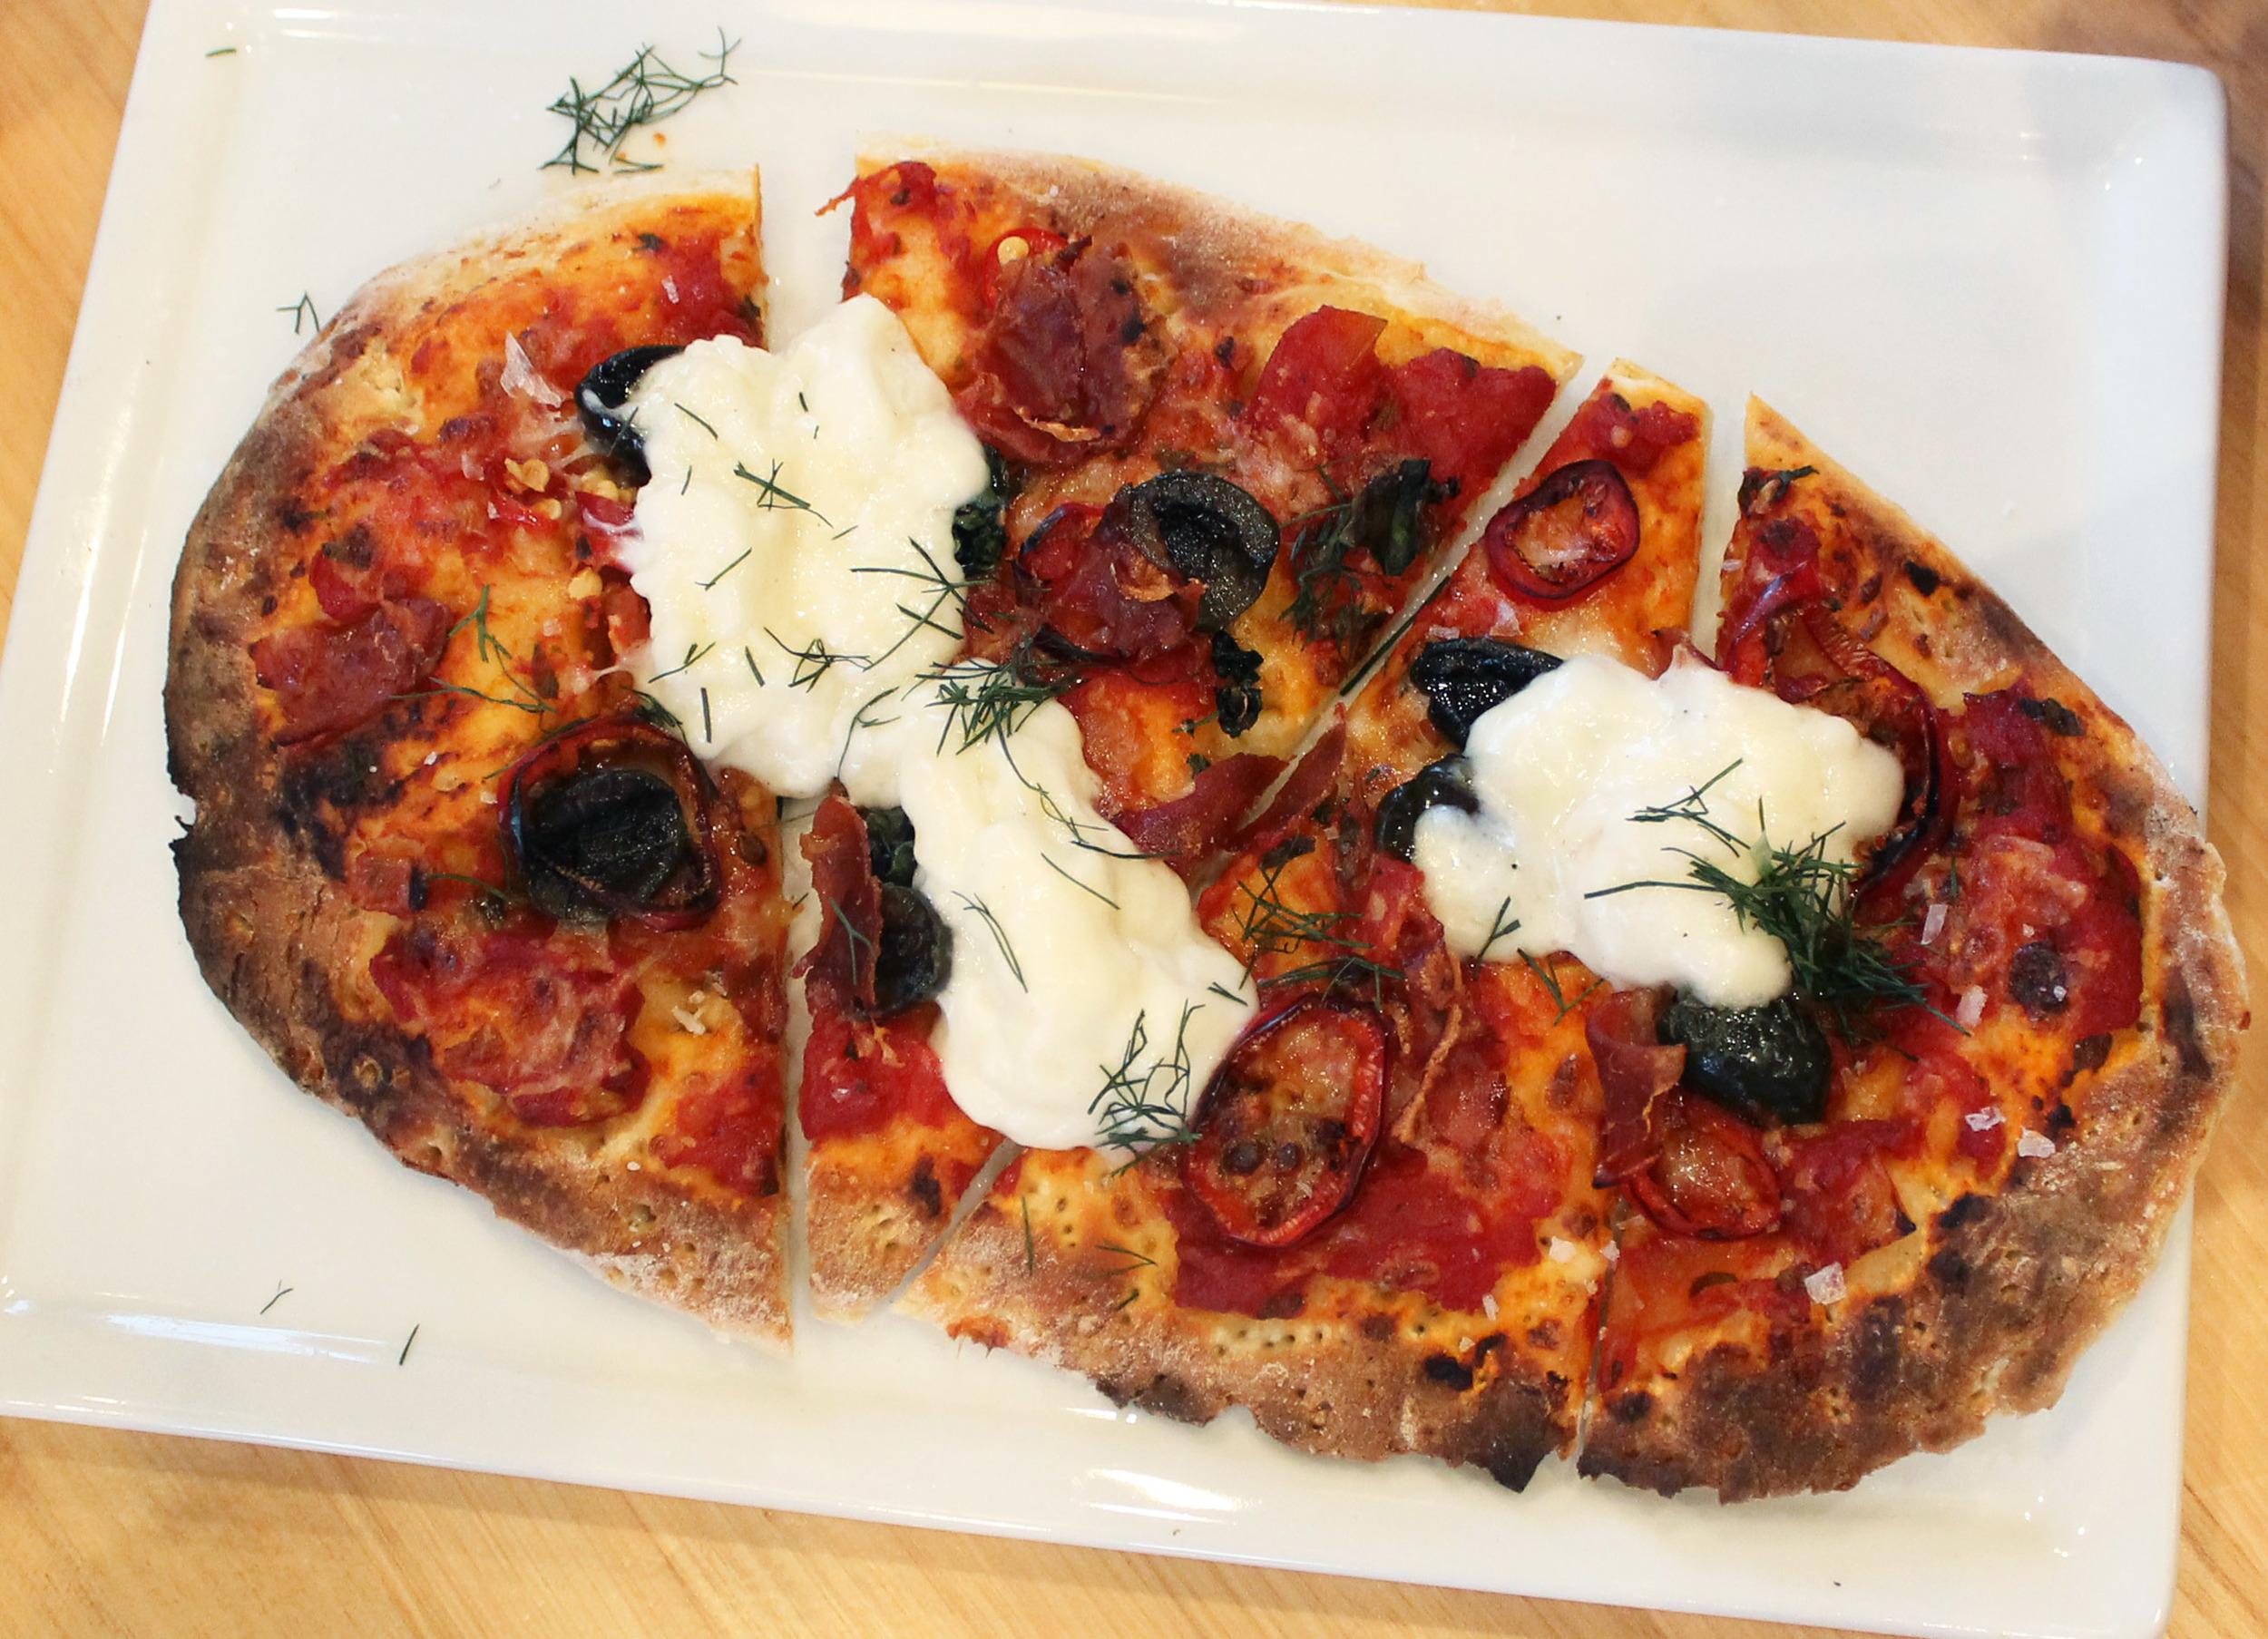 Serrano Ham and Olive Naan-Zza:fresno chile, burette cheese, oregano